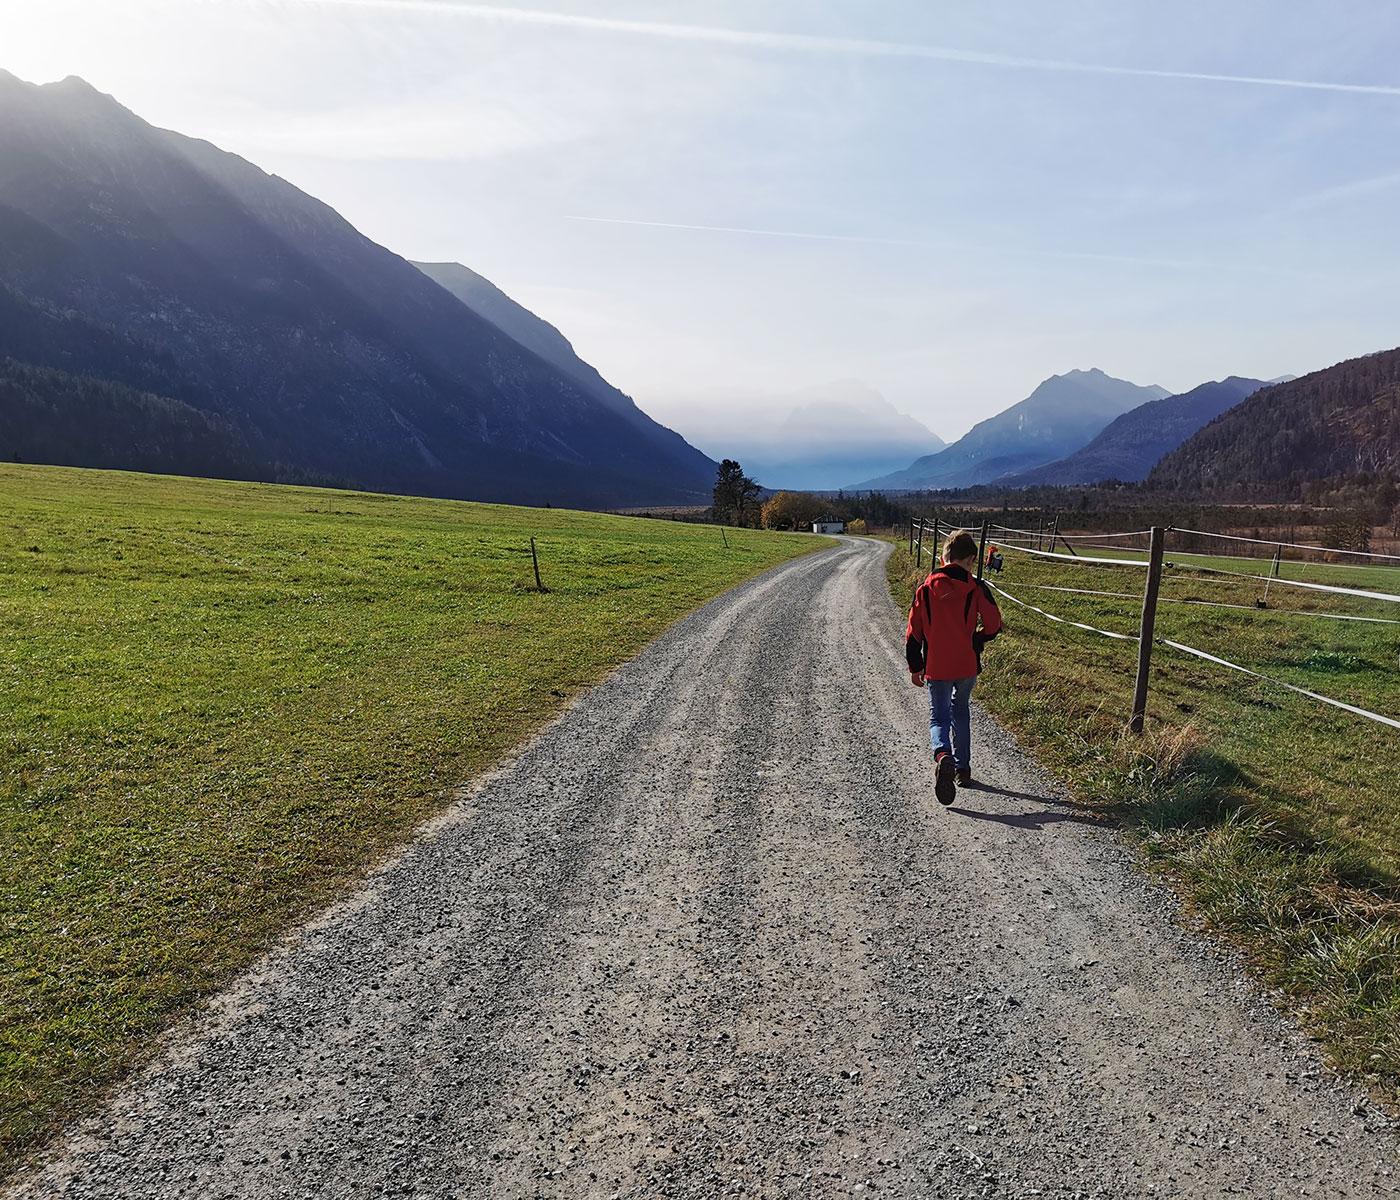 Sieben-Quellen-Sagenspaziergang: Kinderwagentaugliche Spaziergänge im Zugspitz-Land // HIMBEER